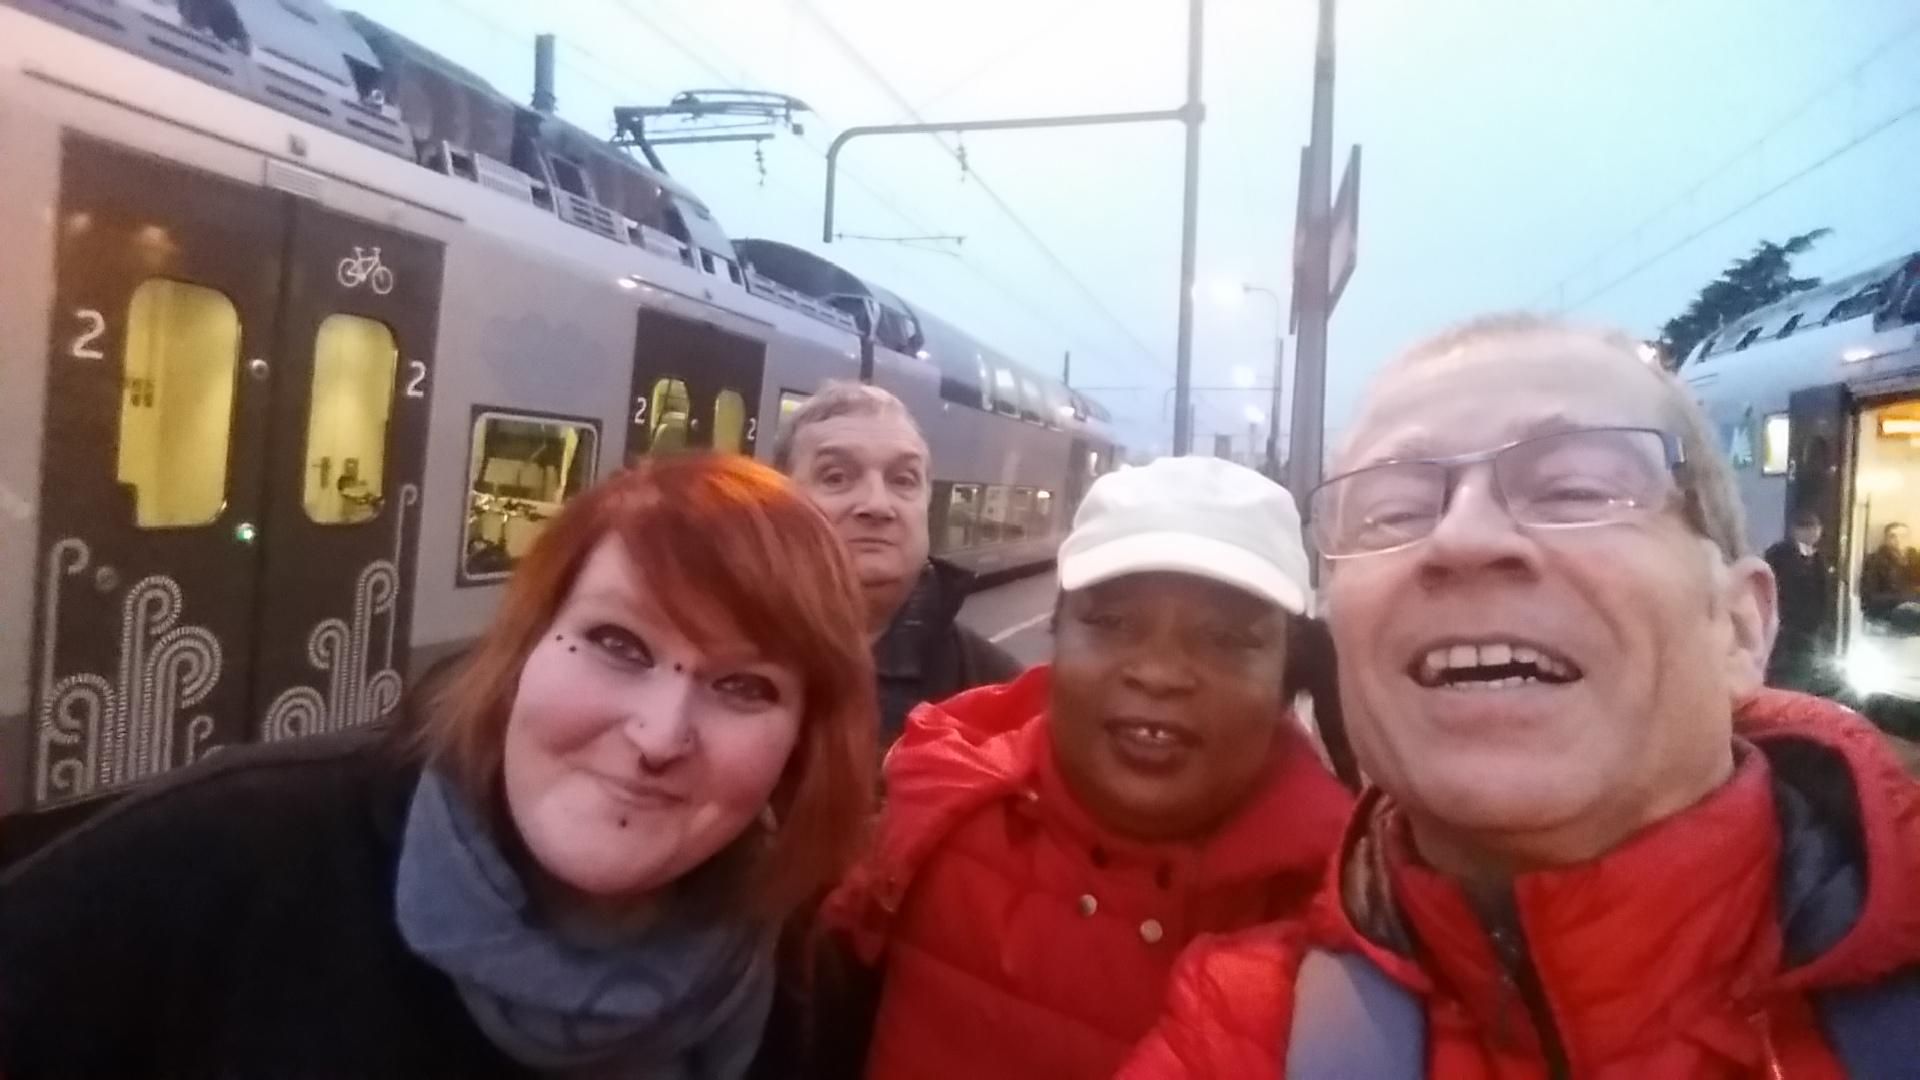 Sortie mobilité urbaine du 28 novembre 2017 : à la découverte d'opérateurs mobilité